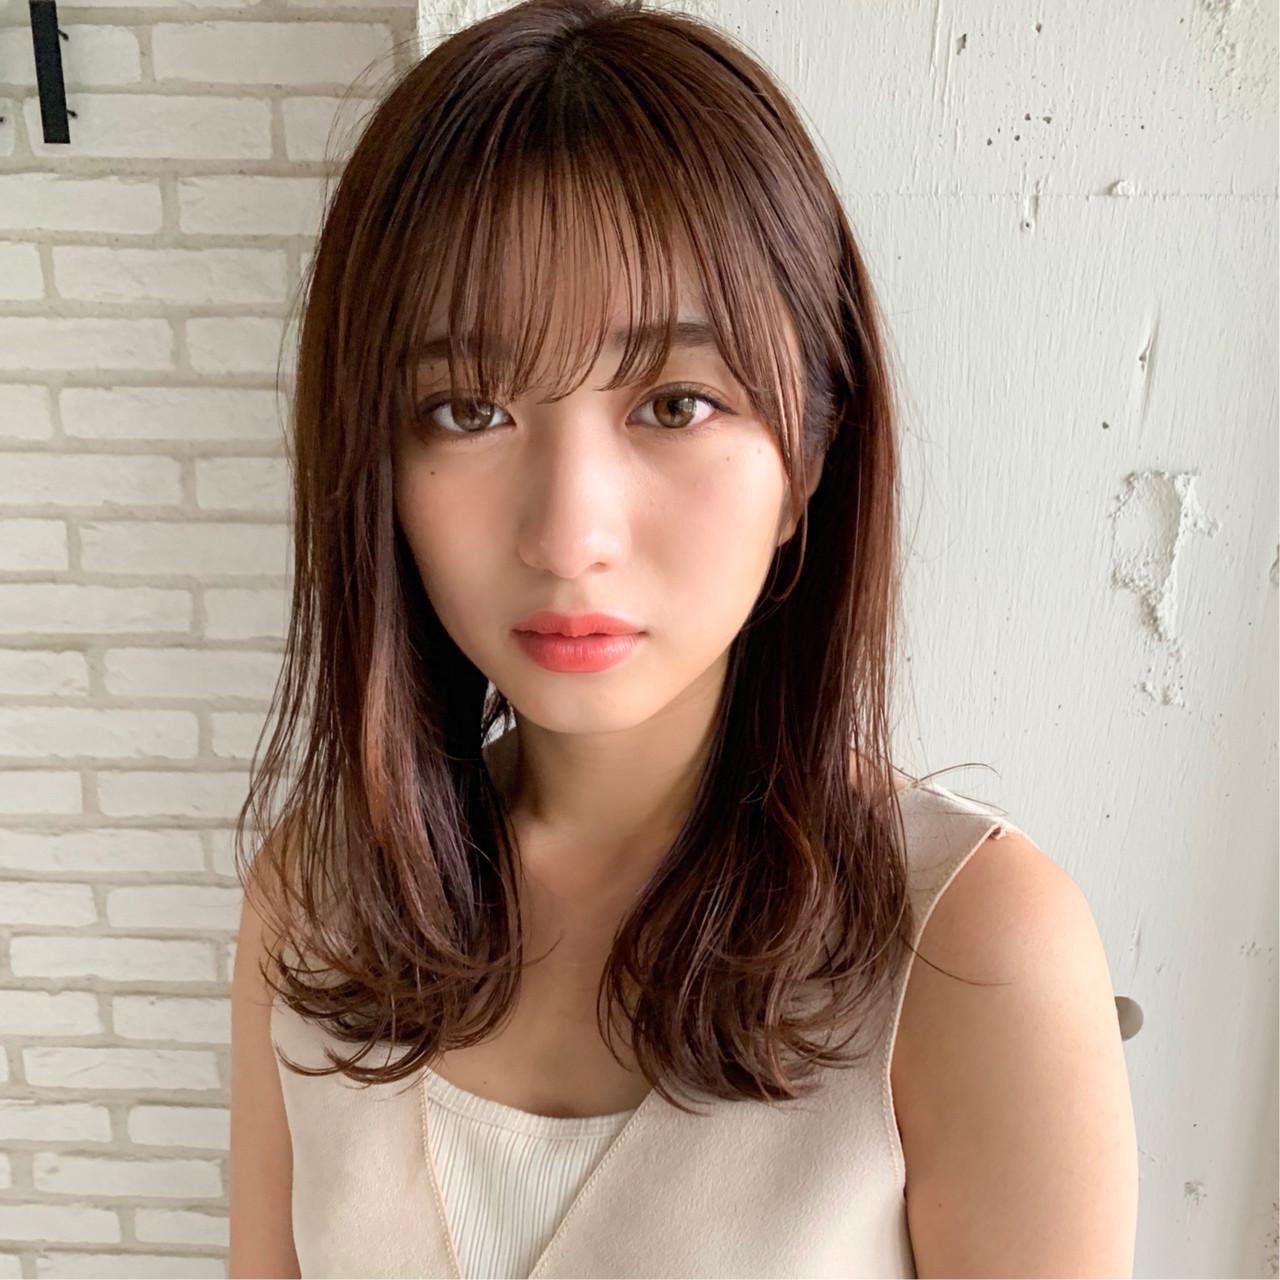 ミディアム 前髪パーマ ナチュラル デジタルパーマ ヘアスタイルや髪型の写真・画像